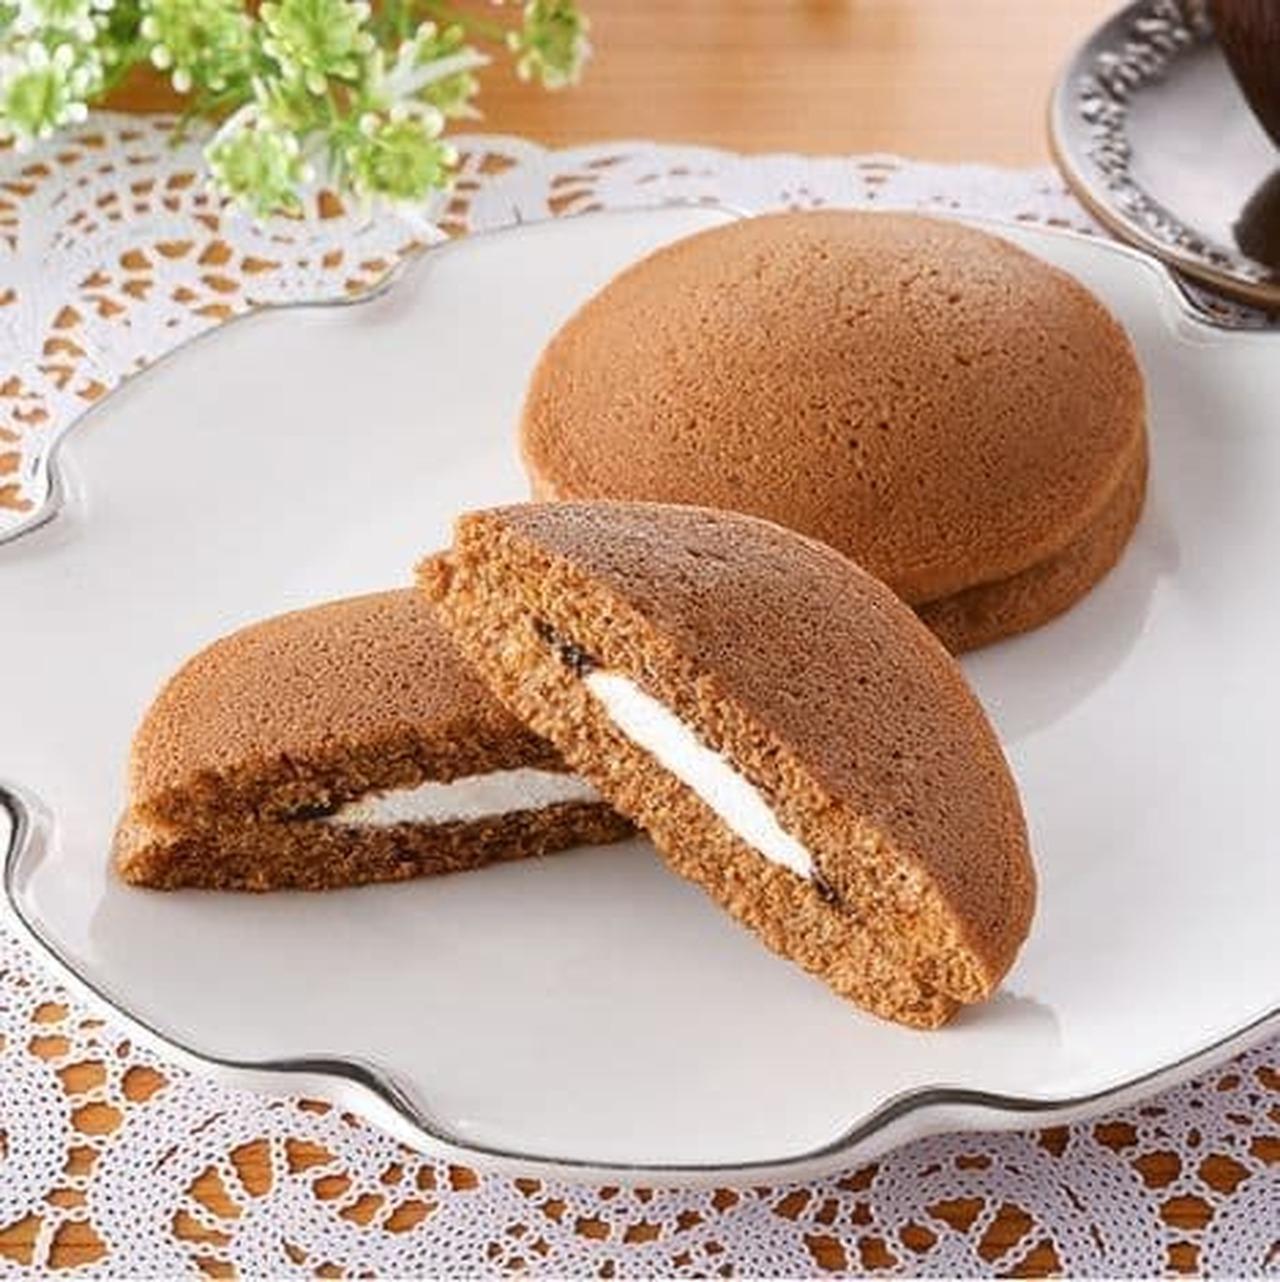 ファミリーマート「カフェオレパンケーキ」